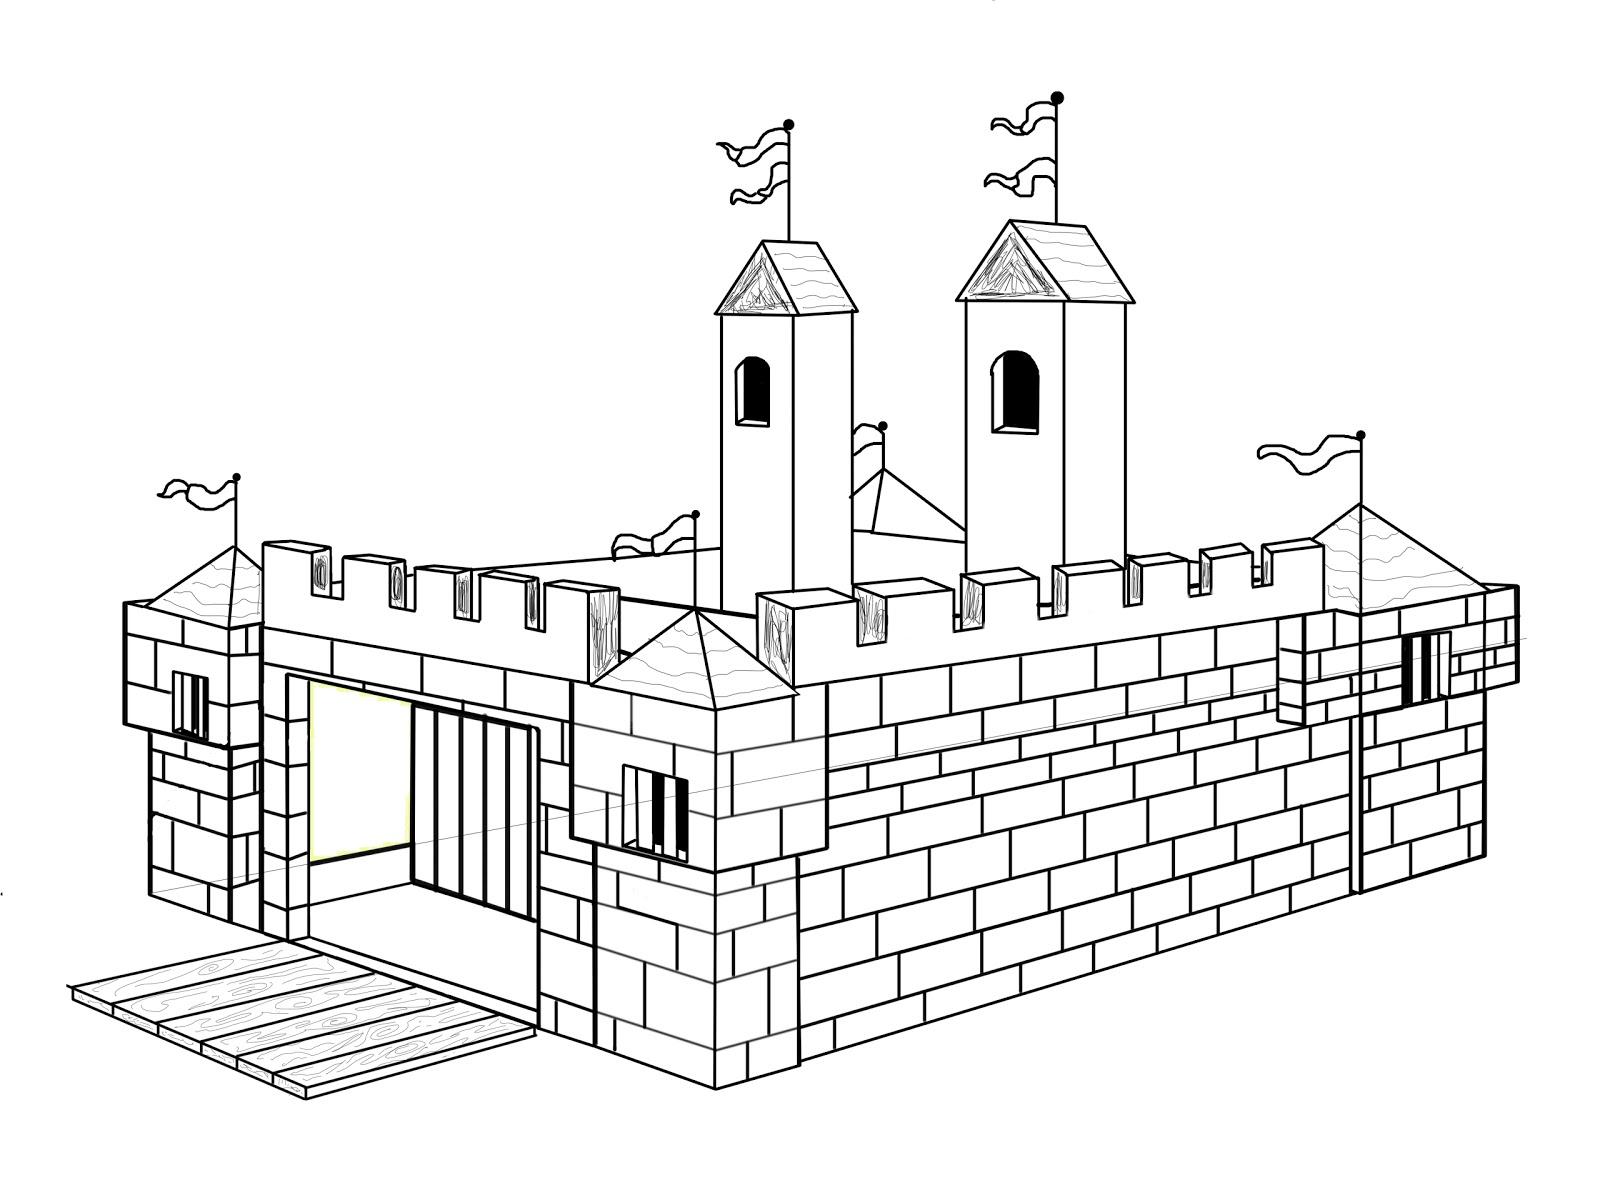 Coloriage Chateau Fort À Imprimer Sur Coloriages concernant Coloriage À Imprimer Chateau De Princesse